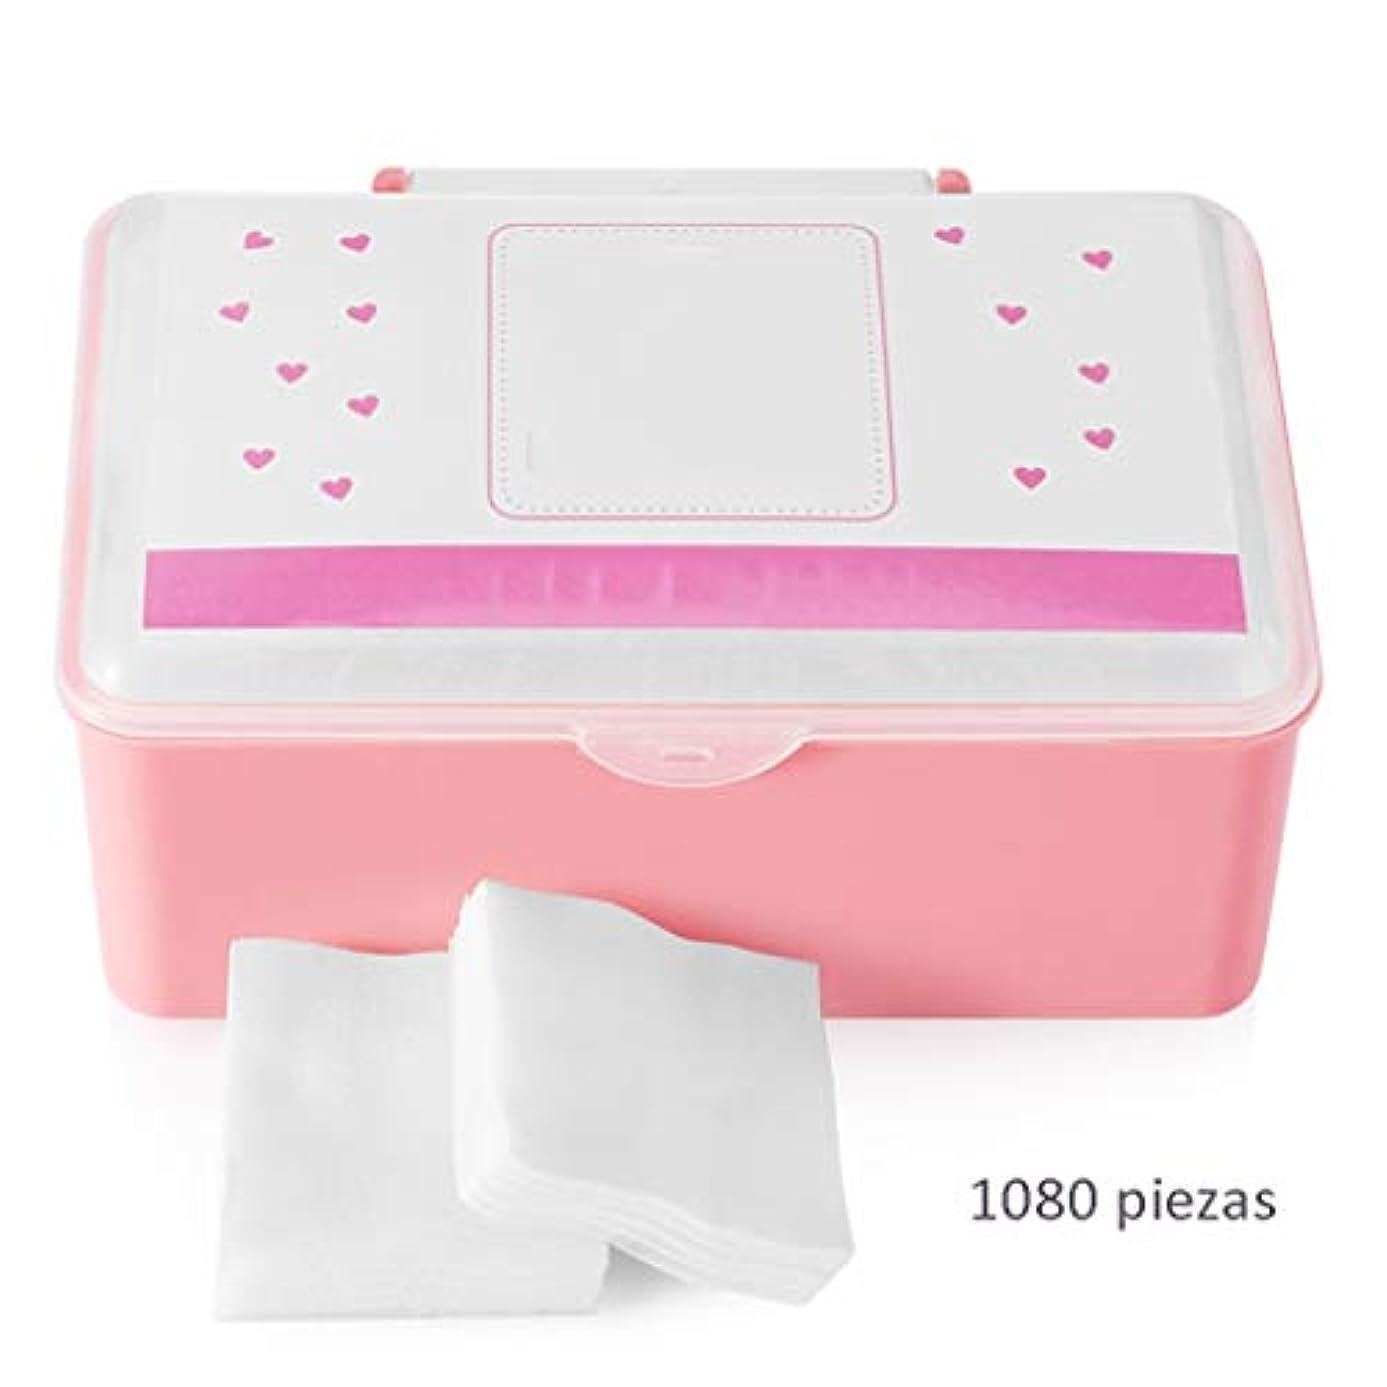 自治的雰囲気副詞クレンジングシート コットンコットンクレンジングコットン女性の顔クリーンコットンパッドスクエアコットンパッド薄い水和ウェットドレスボックス(1080) (Color : White, サイズ : 5*6cm)